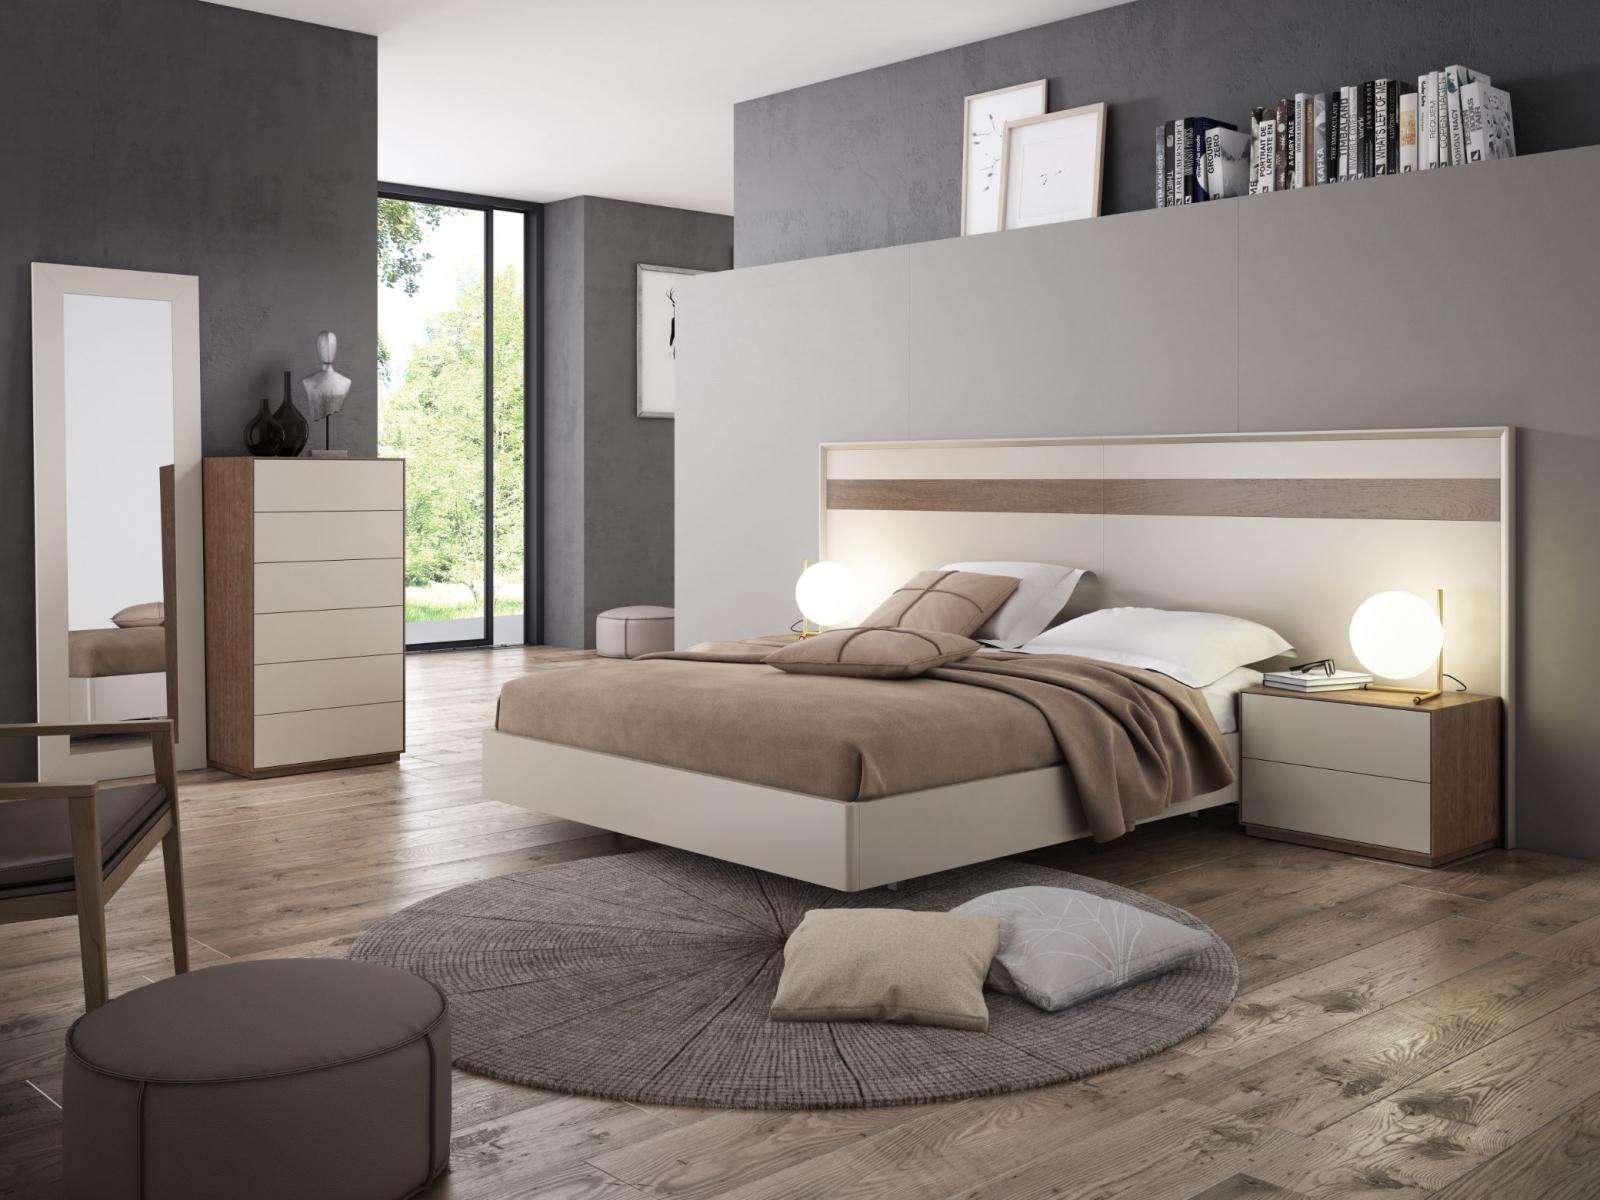 Conjunto de Dormitorio FINE-1 - Conjunto de Dormitorio FINE-1